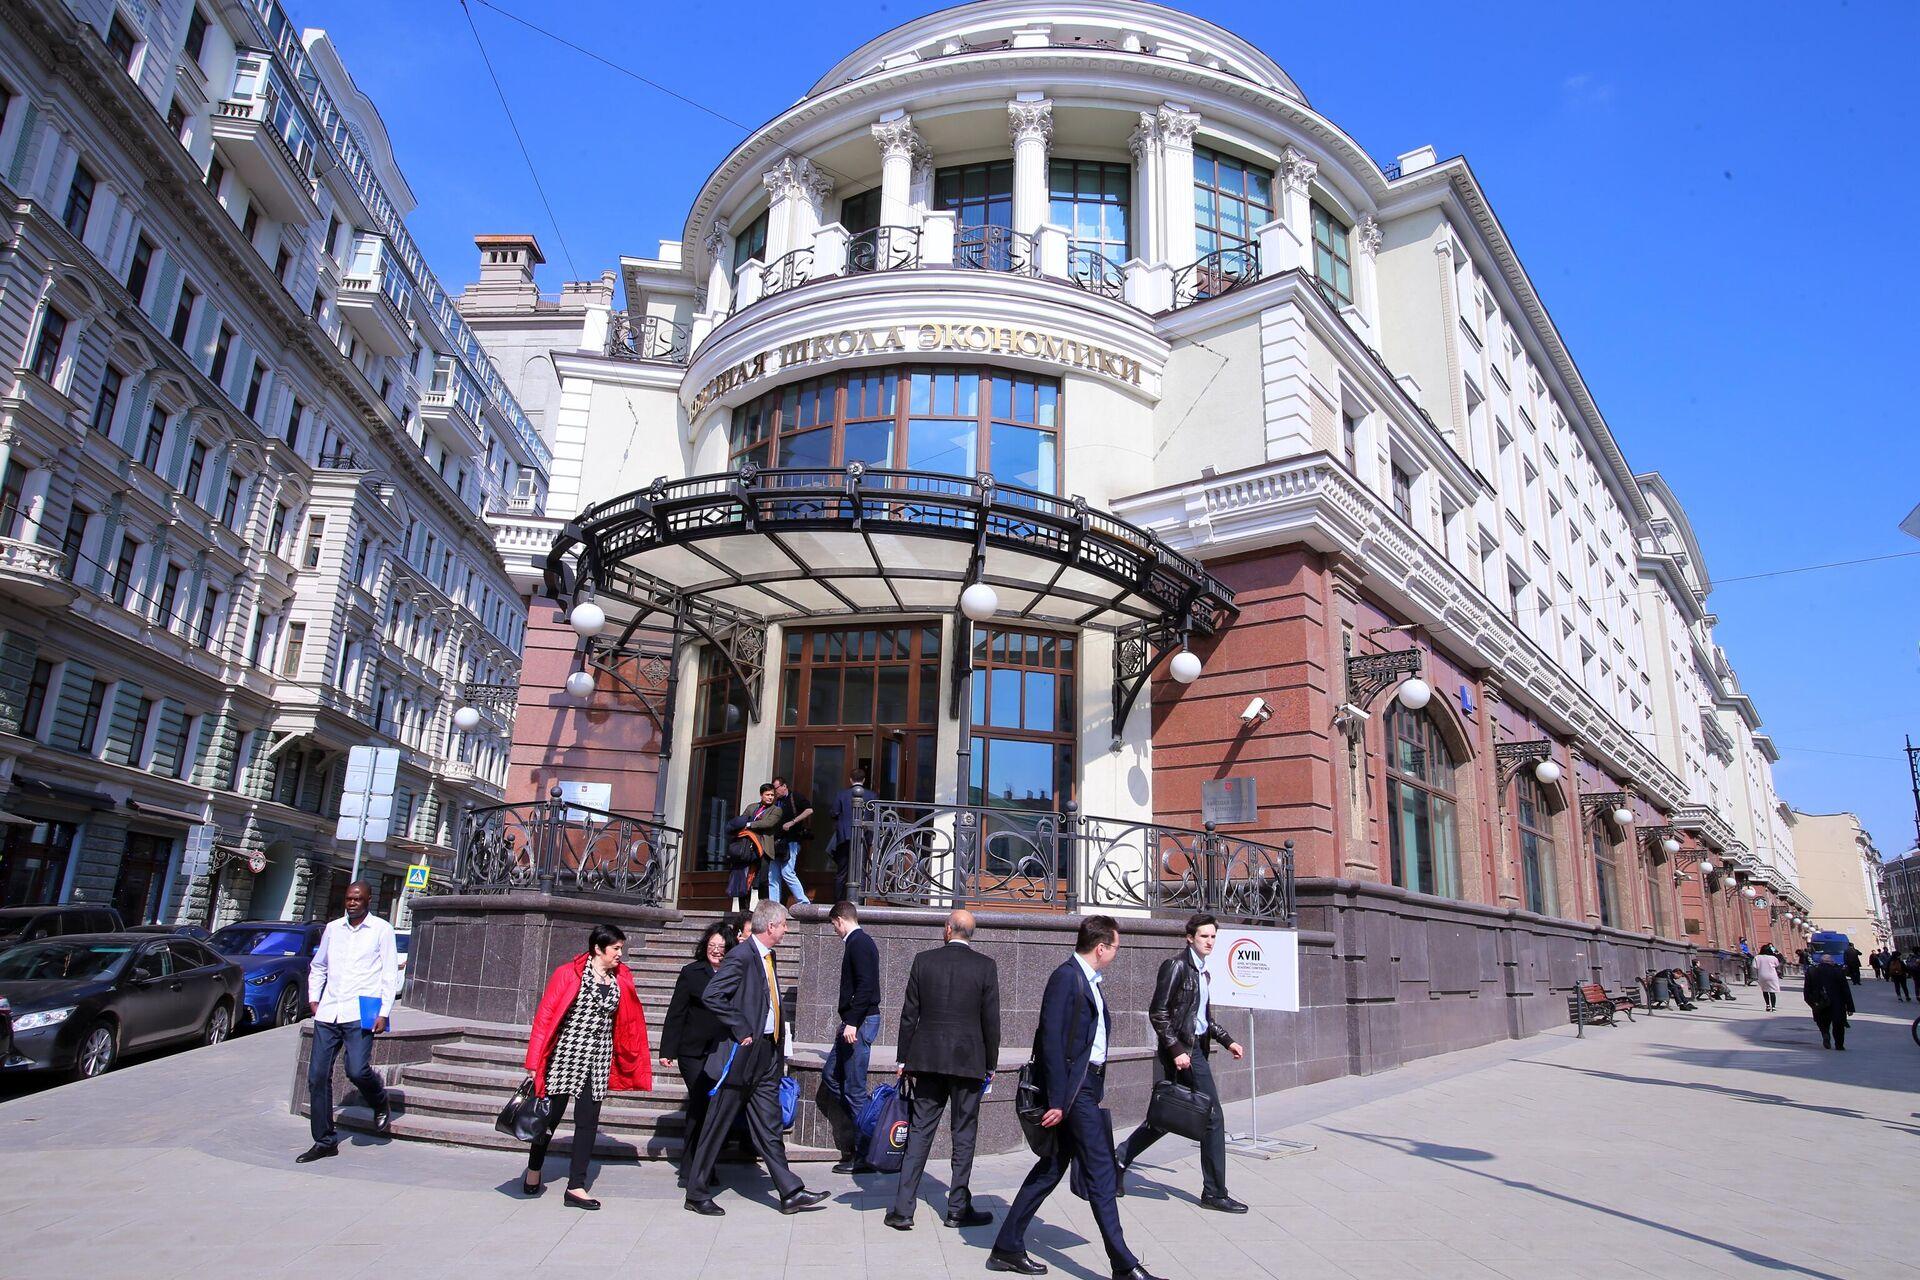 Здание Национального исследовательского университета Высшей школы экономики (НИУ ВШЭ) в Москве - РИА Новости, 1920, 28.06.2021